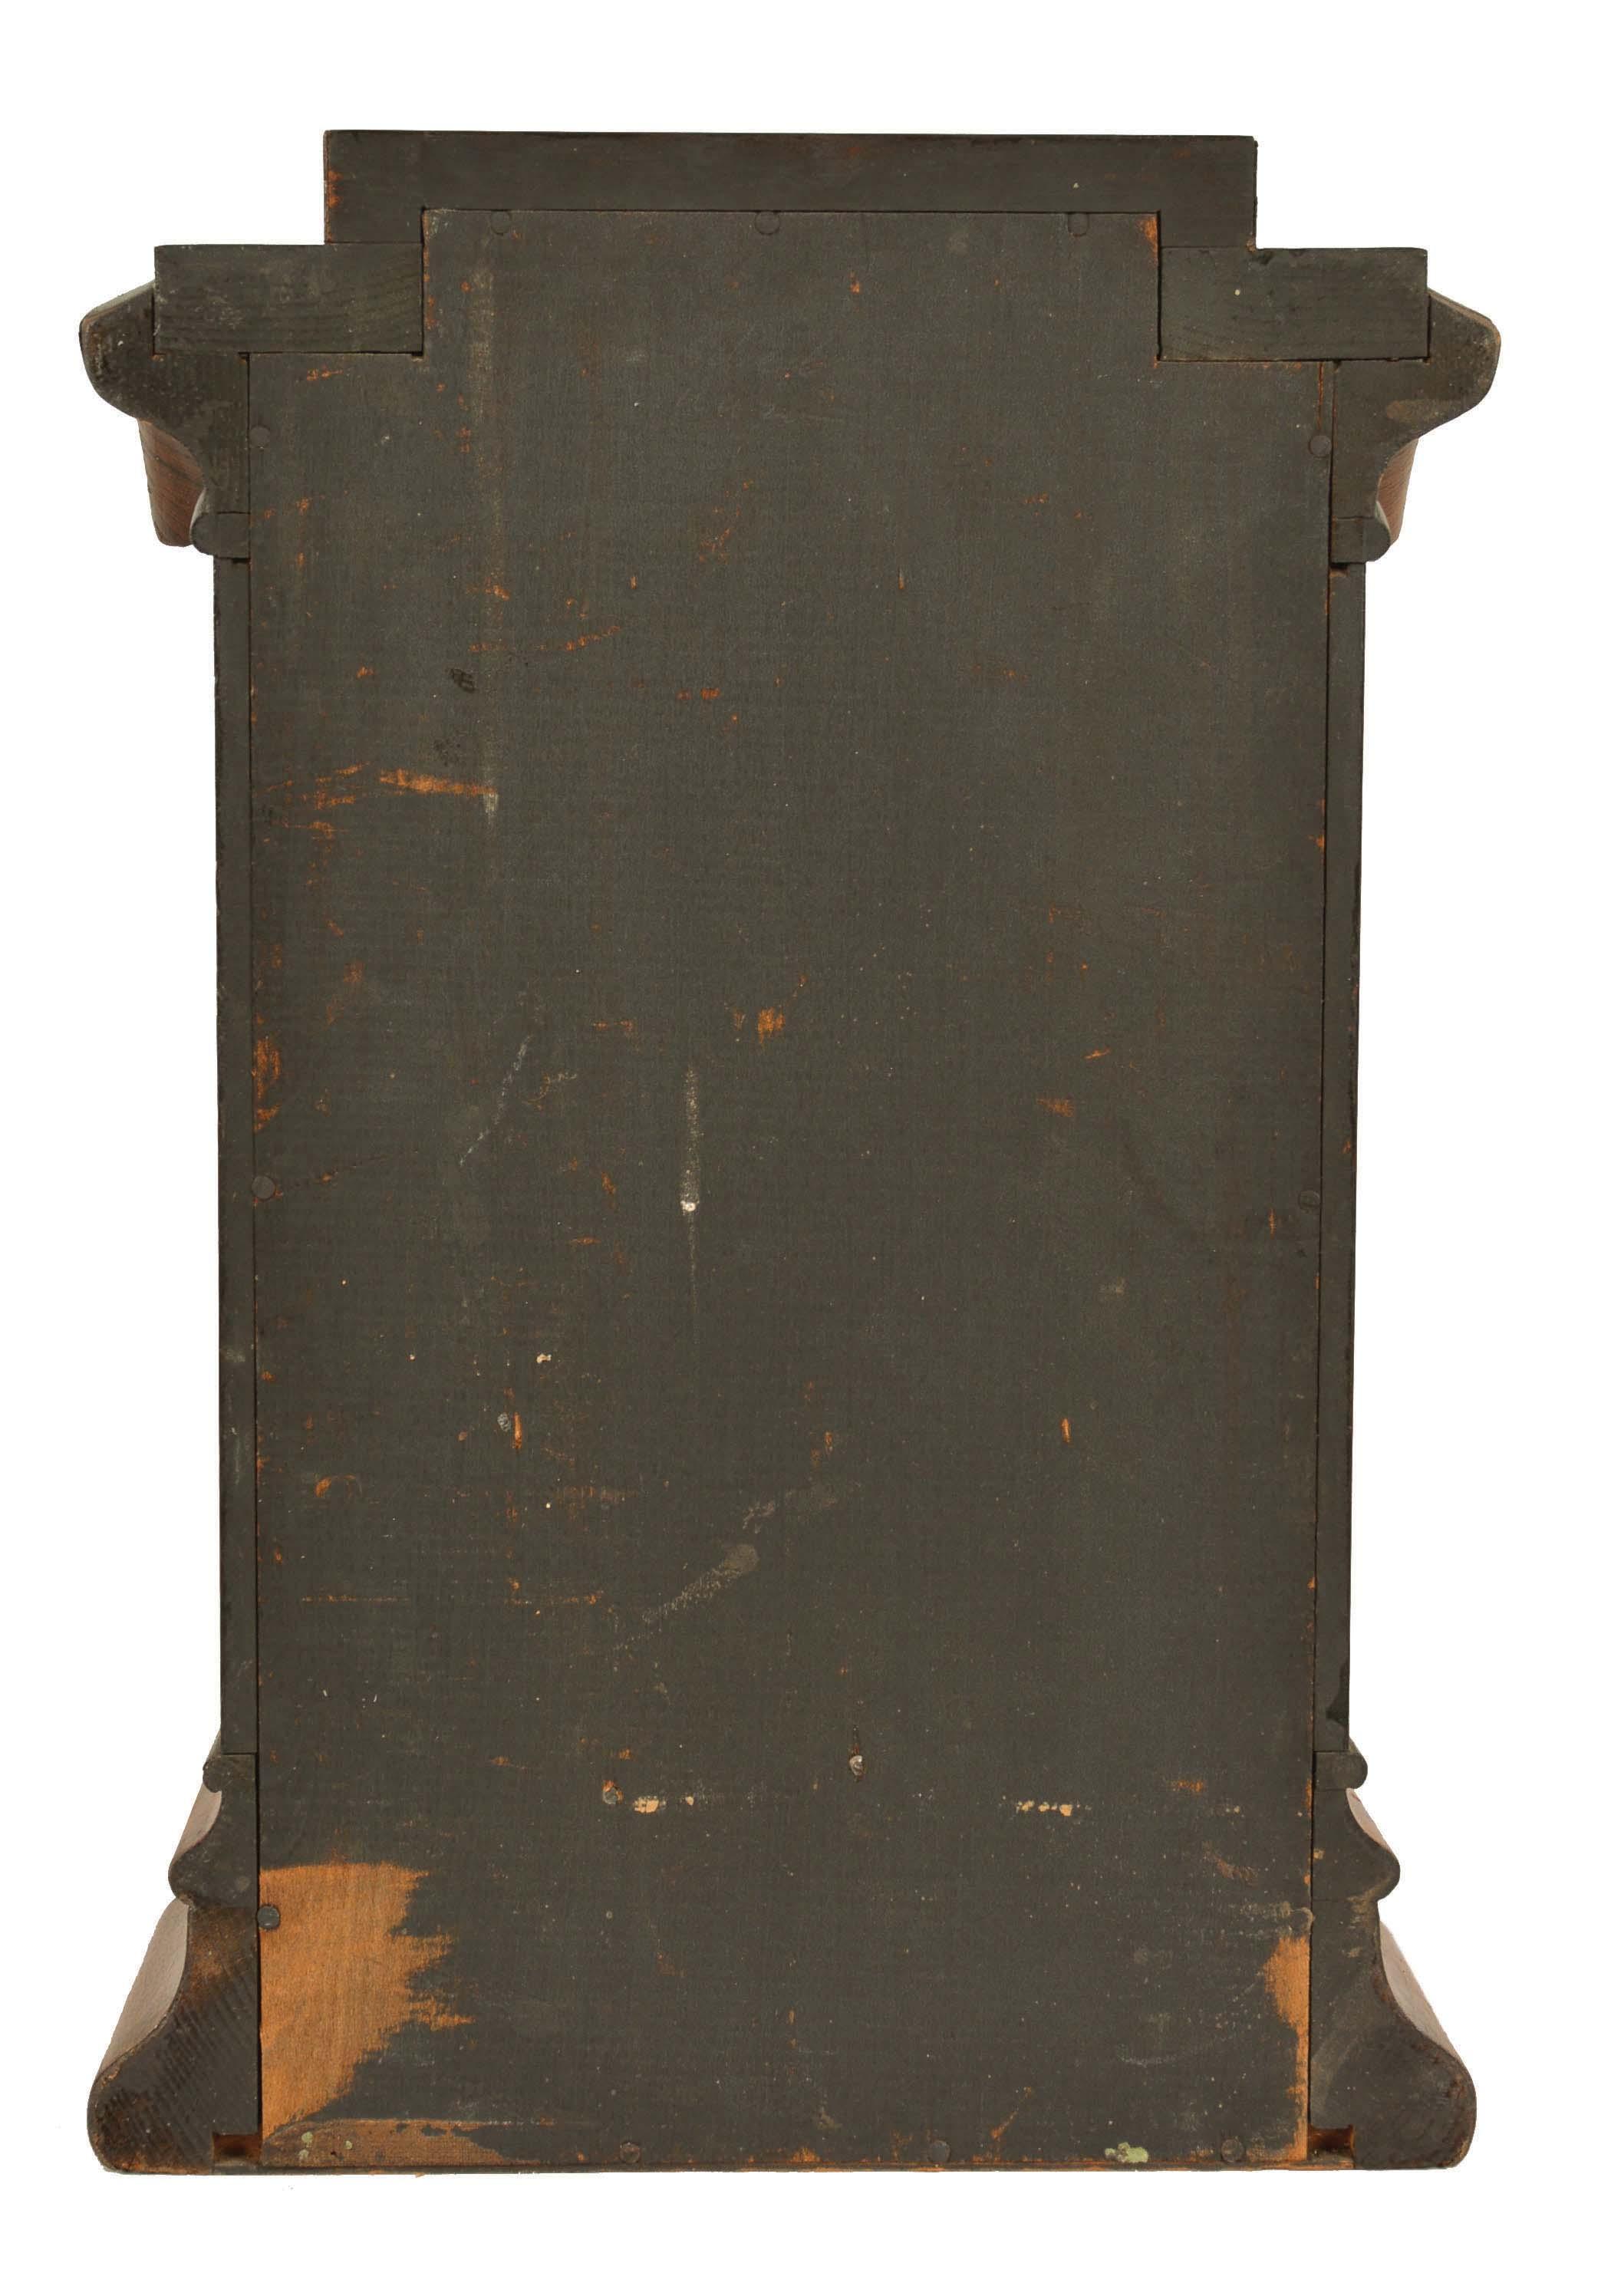 19257_03.jpg